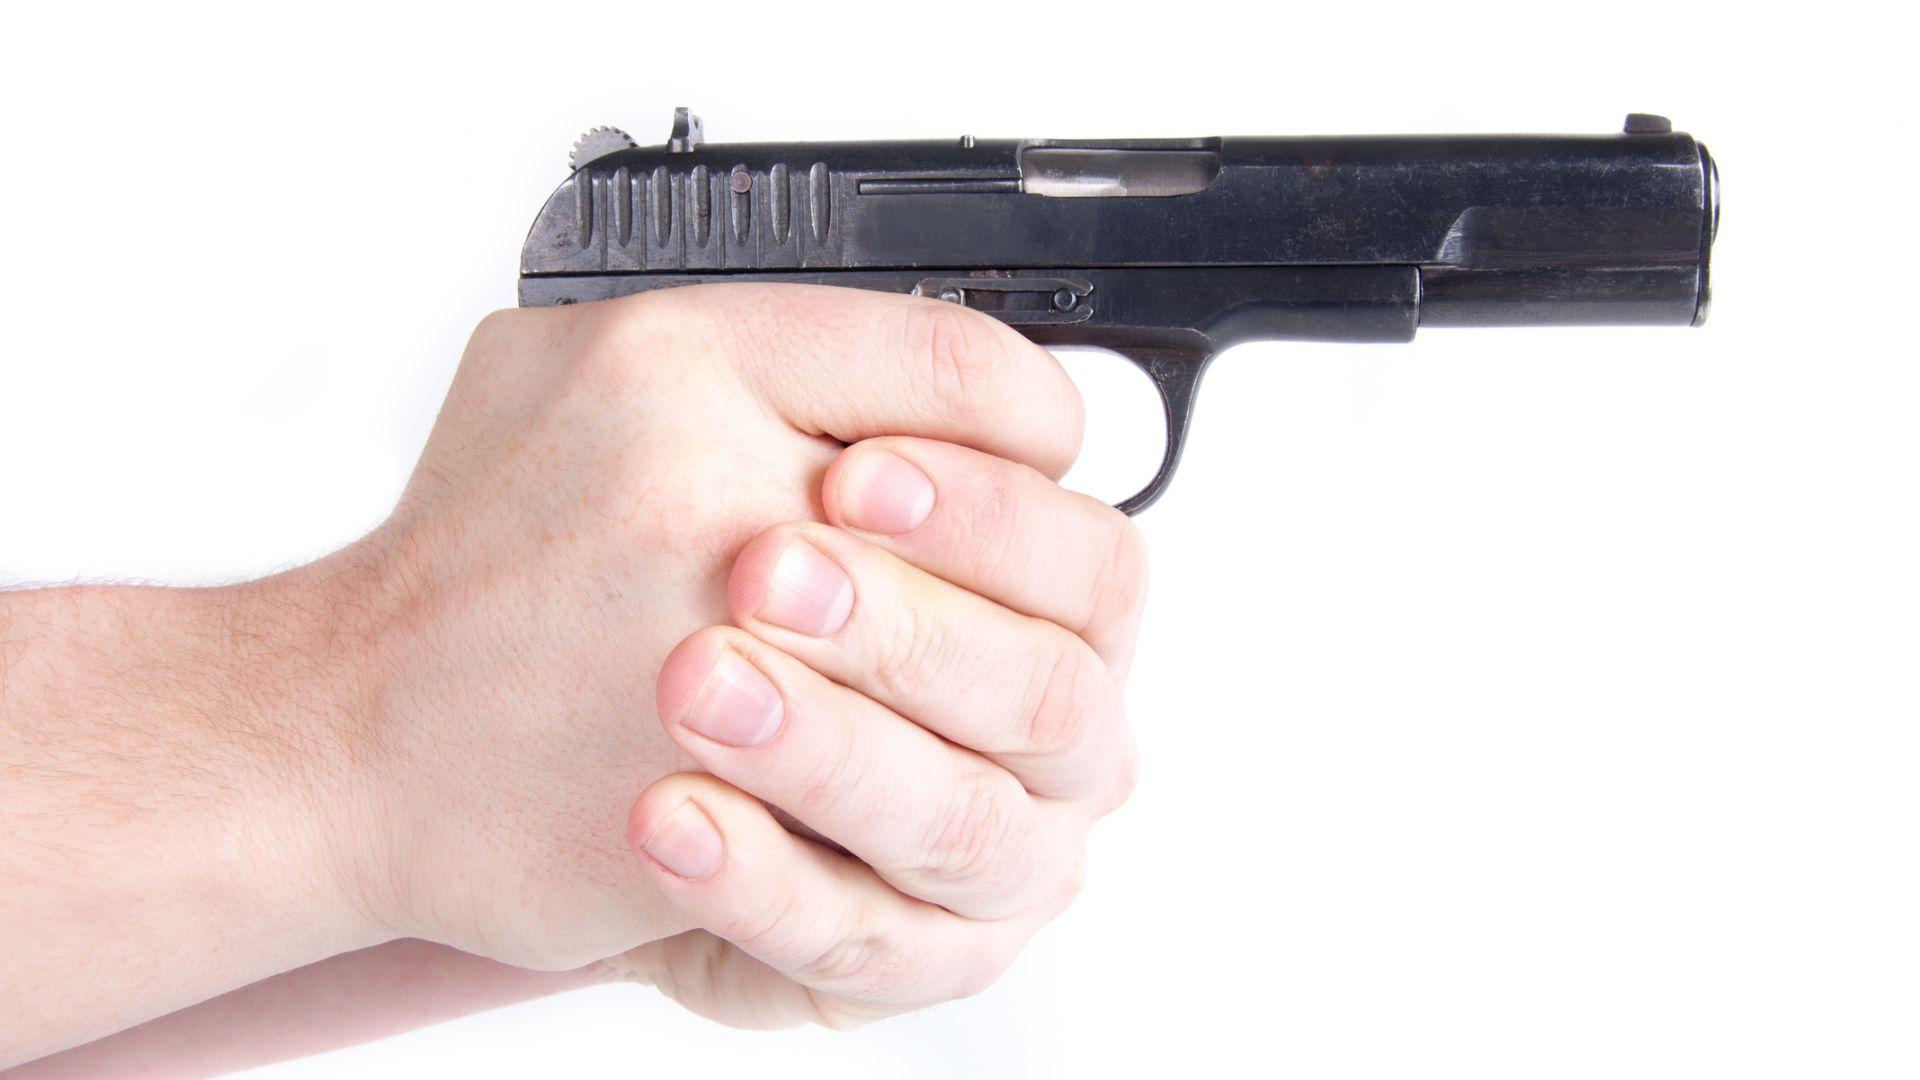 Застреляха касиер на бензиностанция в Германия заради спор за маска